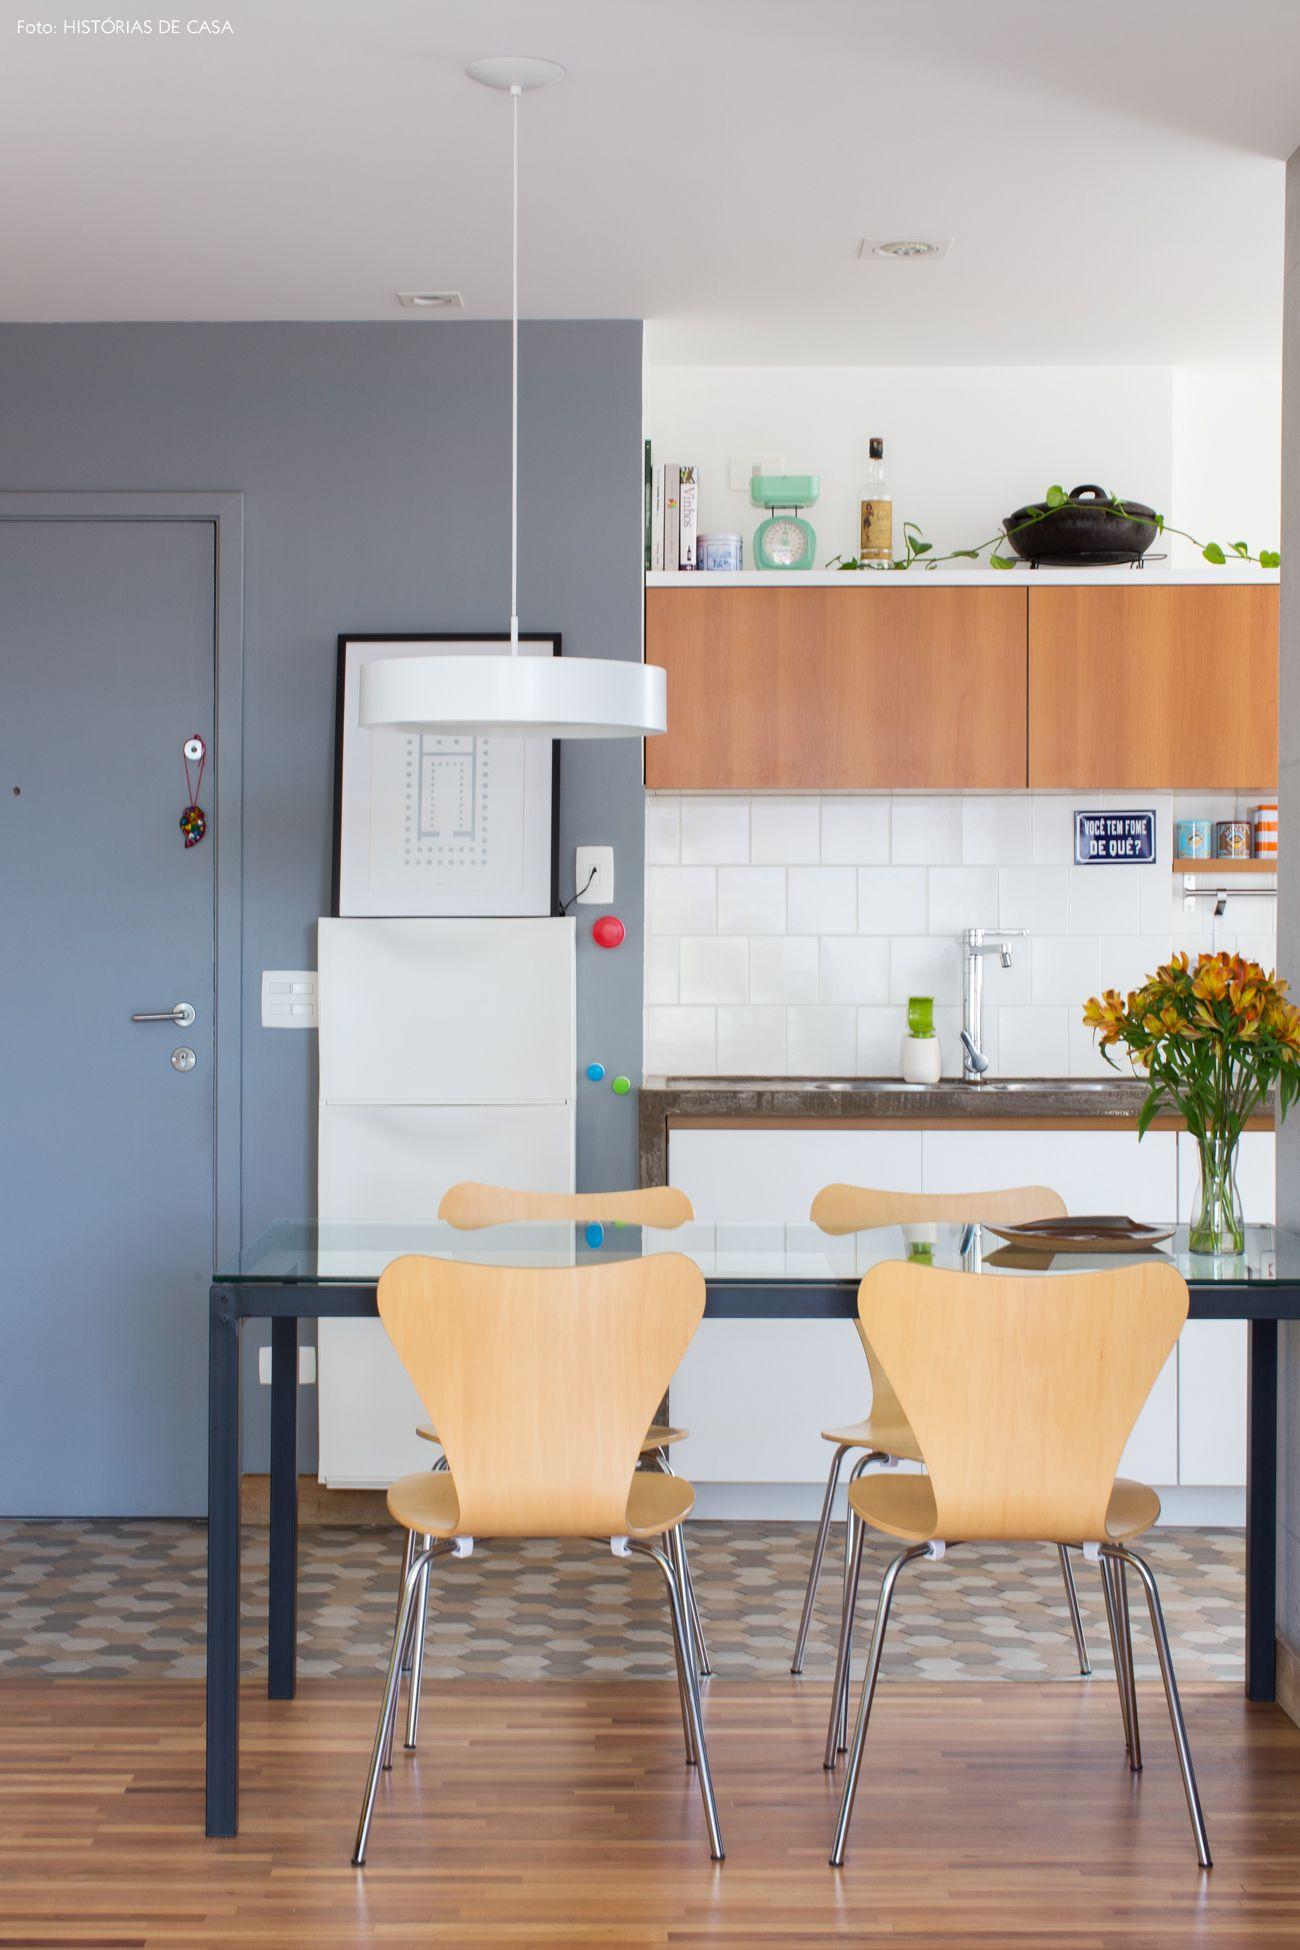 Decorao Apartamento Pequeno Cozinha Americana With Decorao